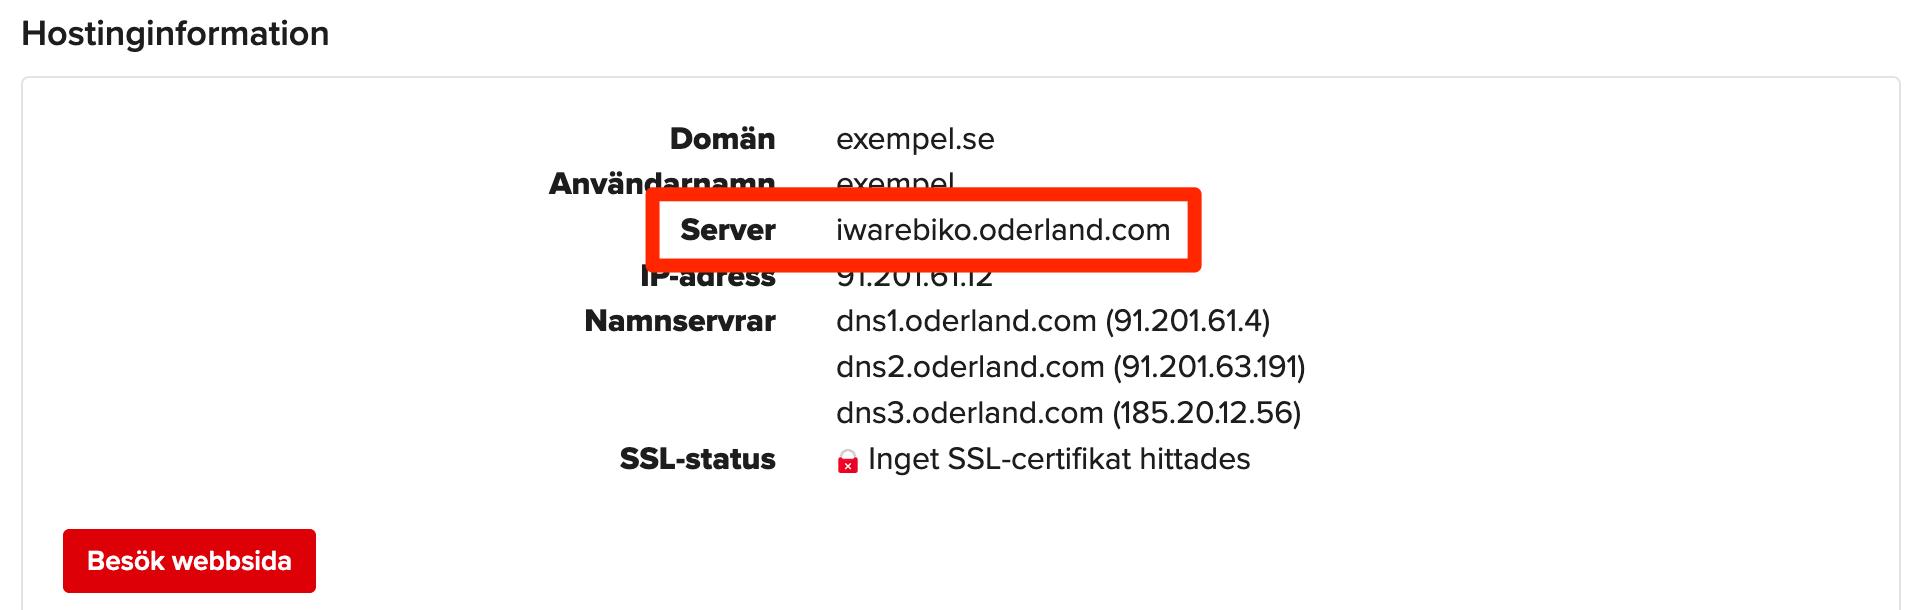 Servernamn för tjänst